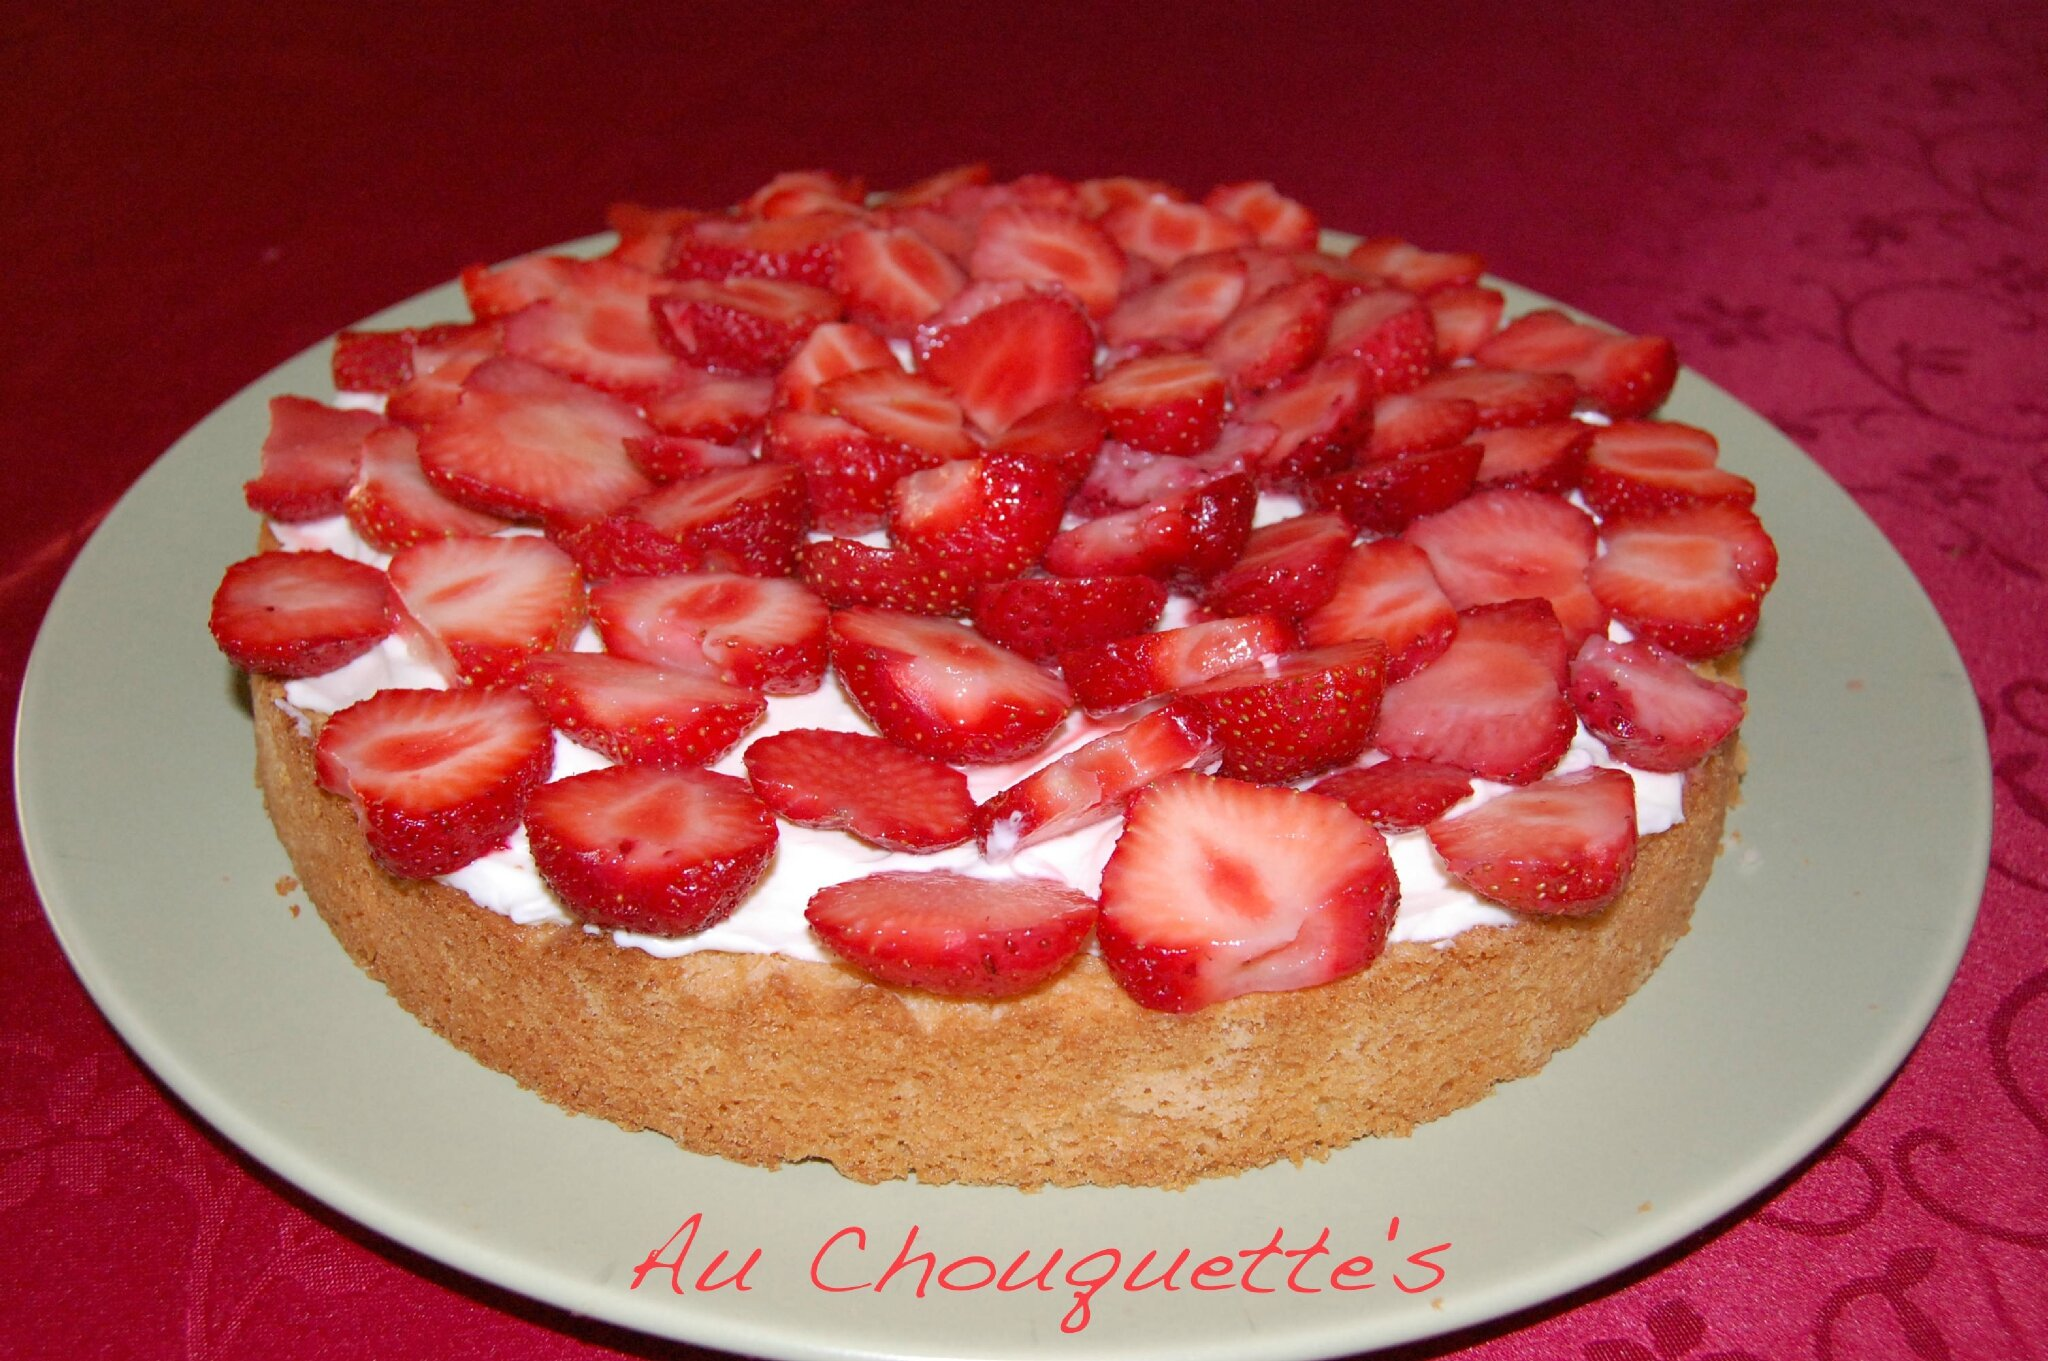 tarte aux fraises cr me mascarpone sabl coco au chouquette 39 s. Black Bedroom Furniture Sets. Home Design Ideas